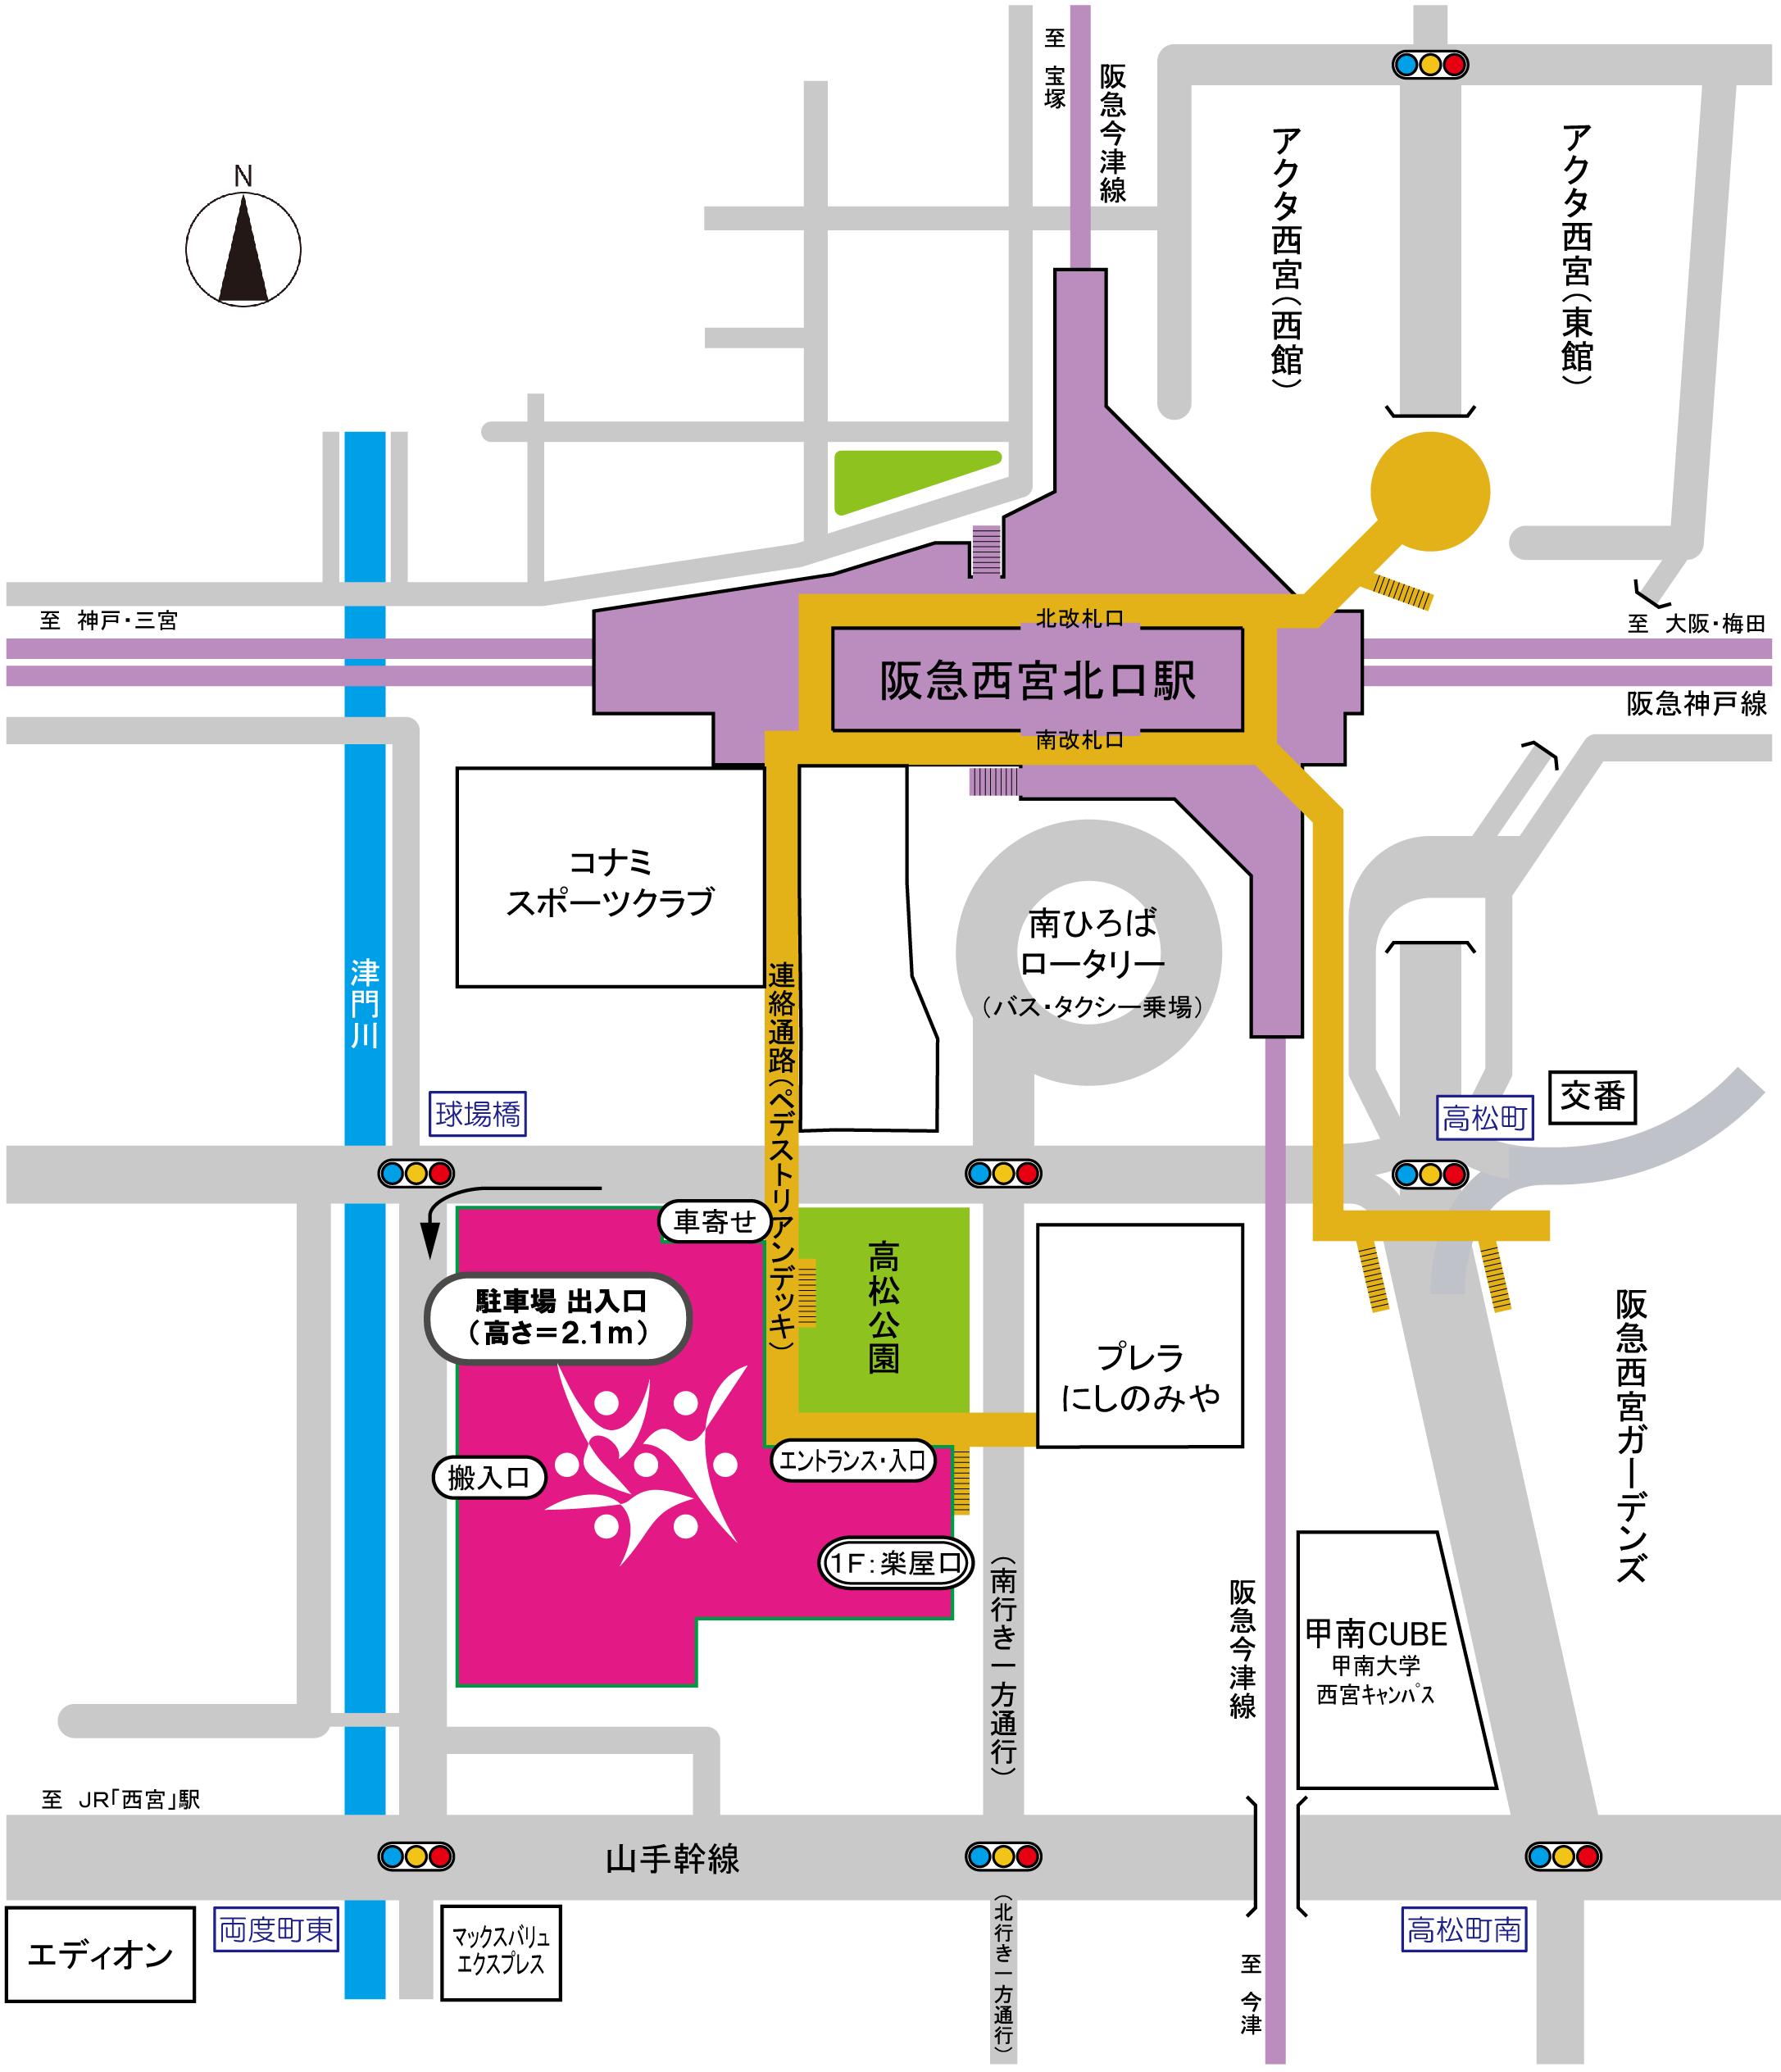 交通アクセス | 公演カレンダー | 兵庫県立芸術文化センター